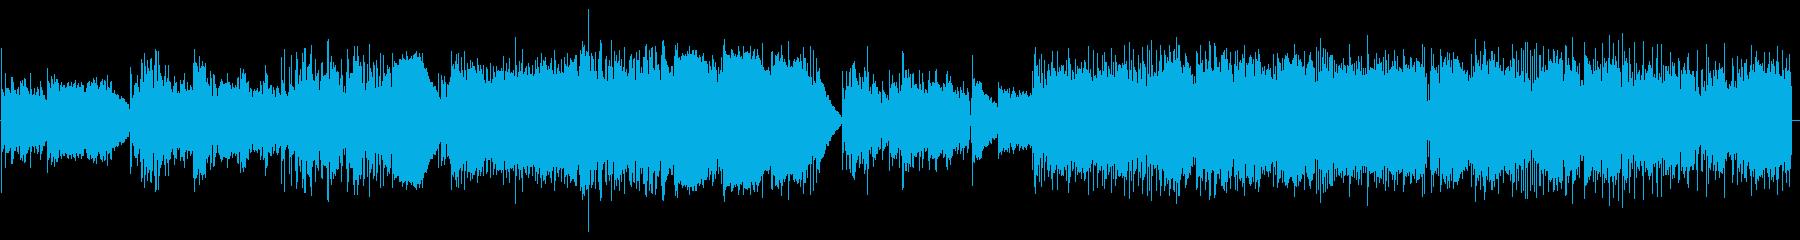 英語洋楽:ジミヘン風ギターの冴えるR&Bの再生済みの波形